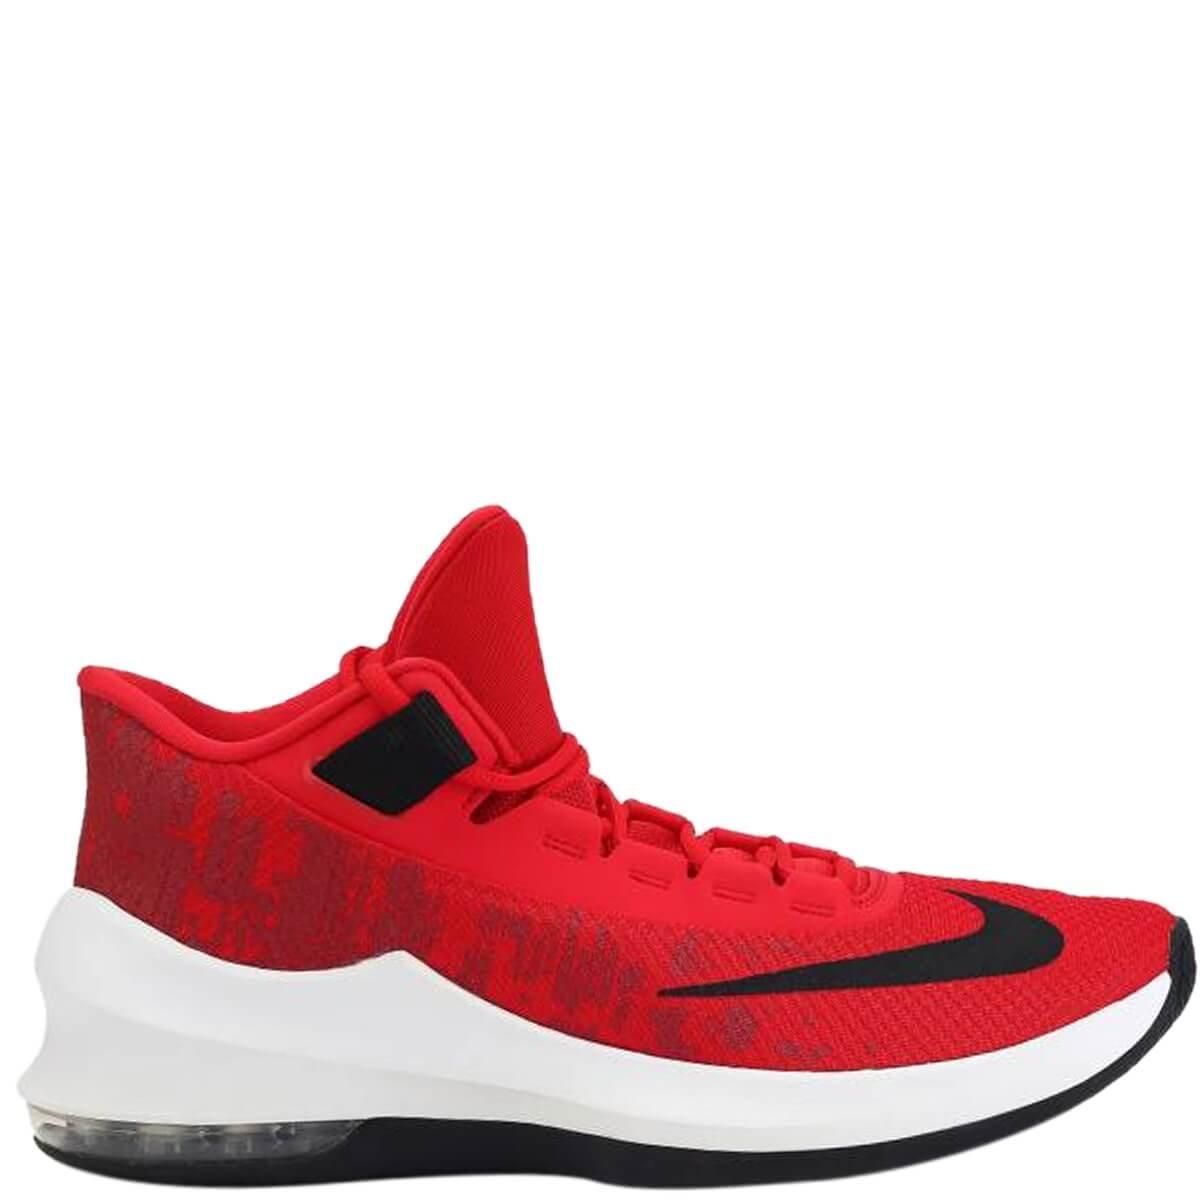 a9dff6f44a1c2 Bizz Store - Tênis Masculino Nike Air Max Infuriate 2 Mid